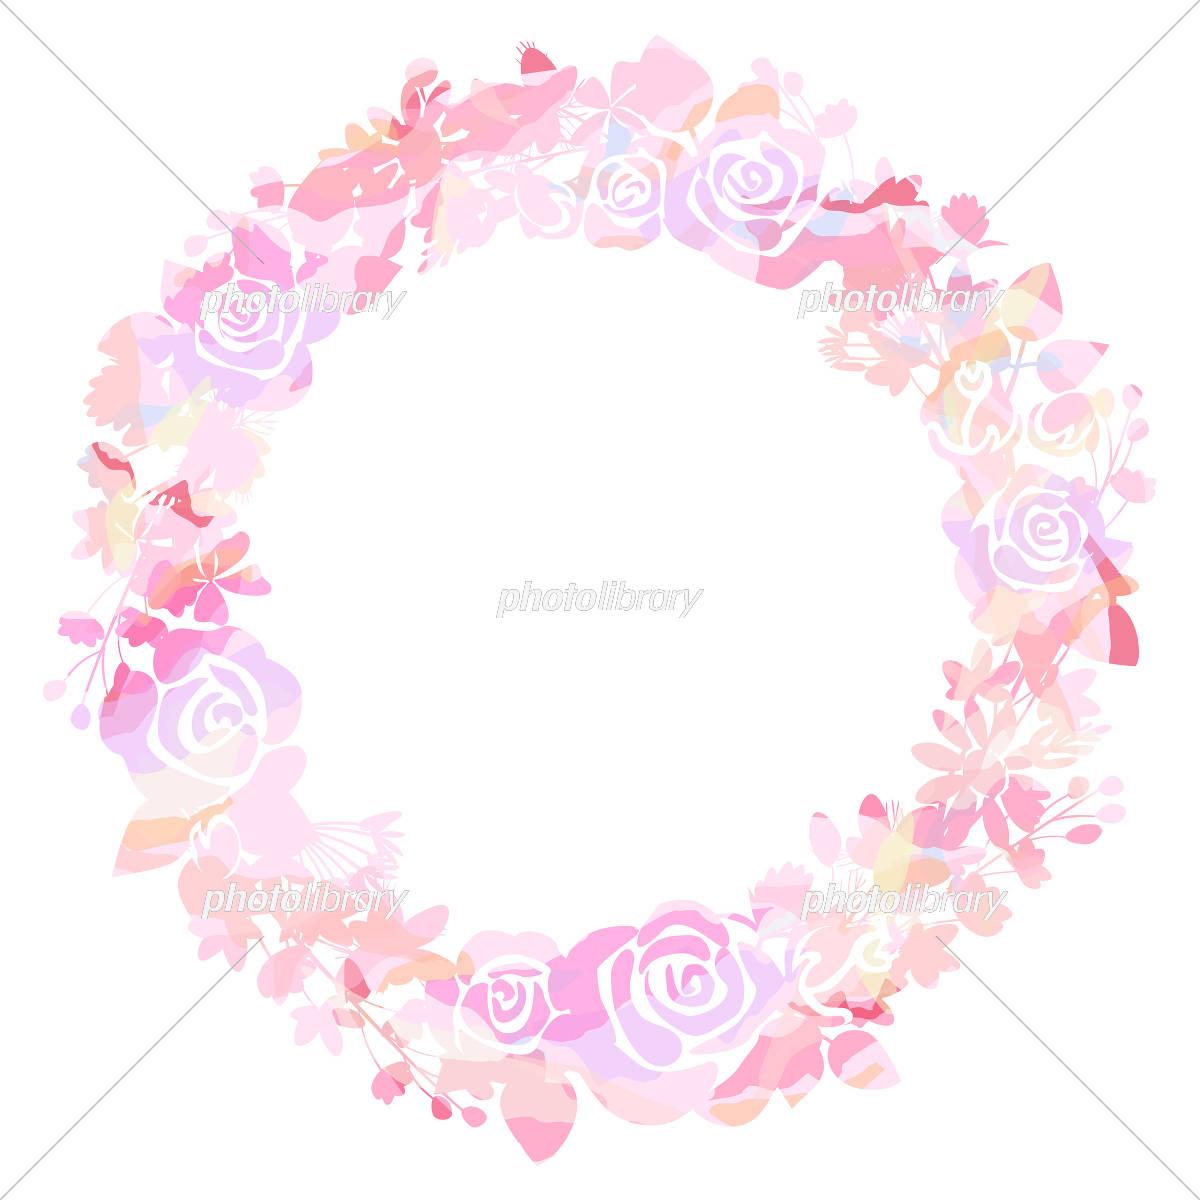 ピンクのグラデーションリース イラスト素材 5500956 フォトライブ